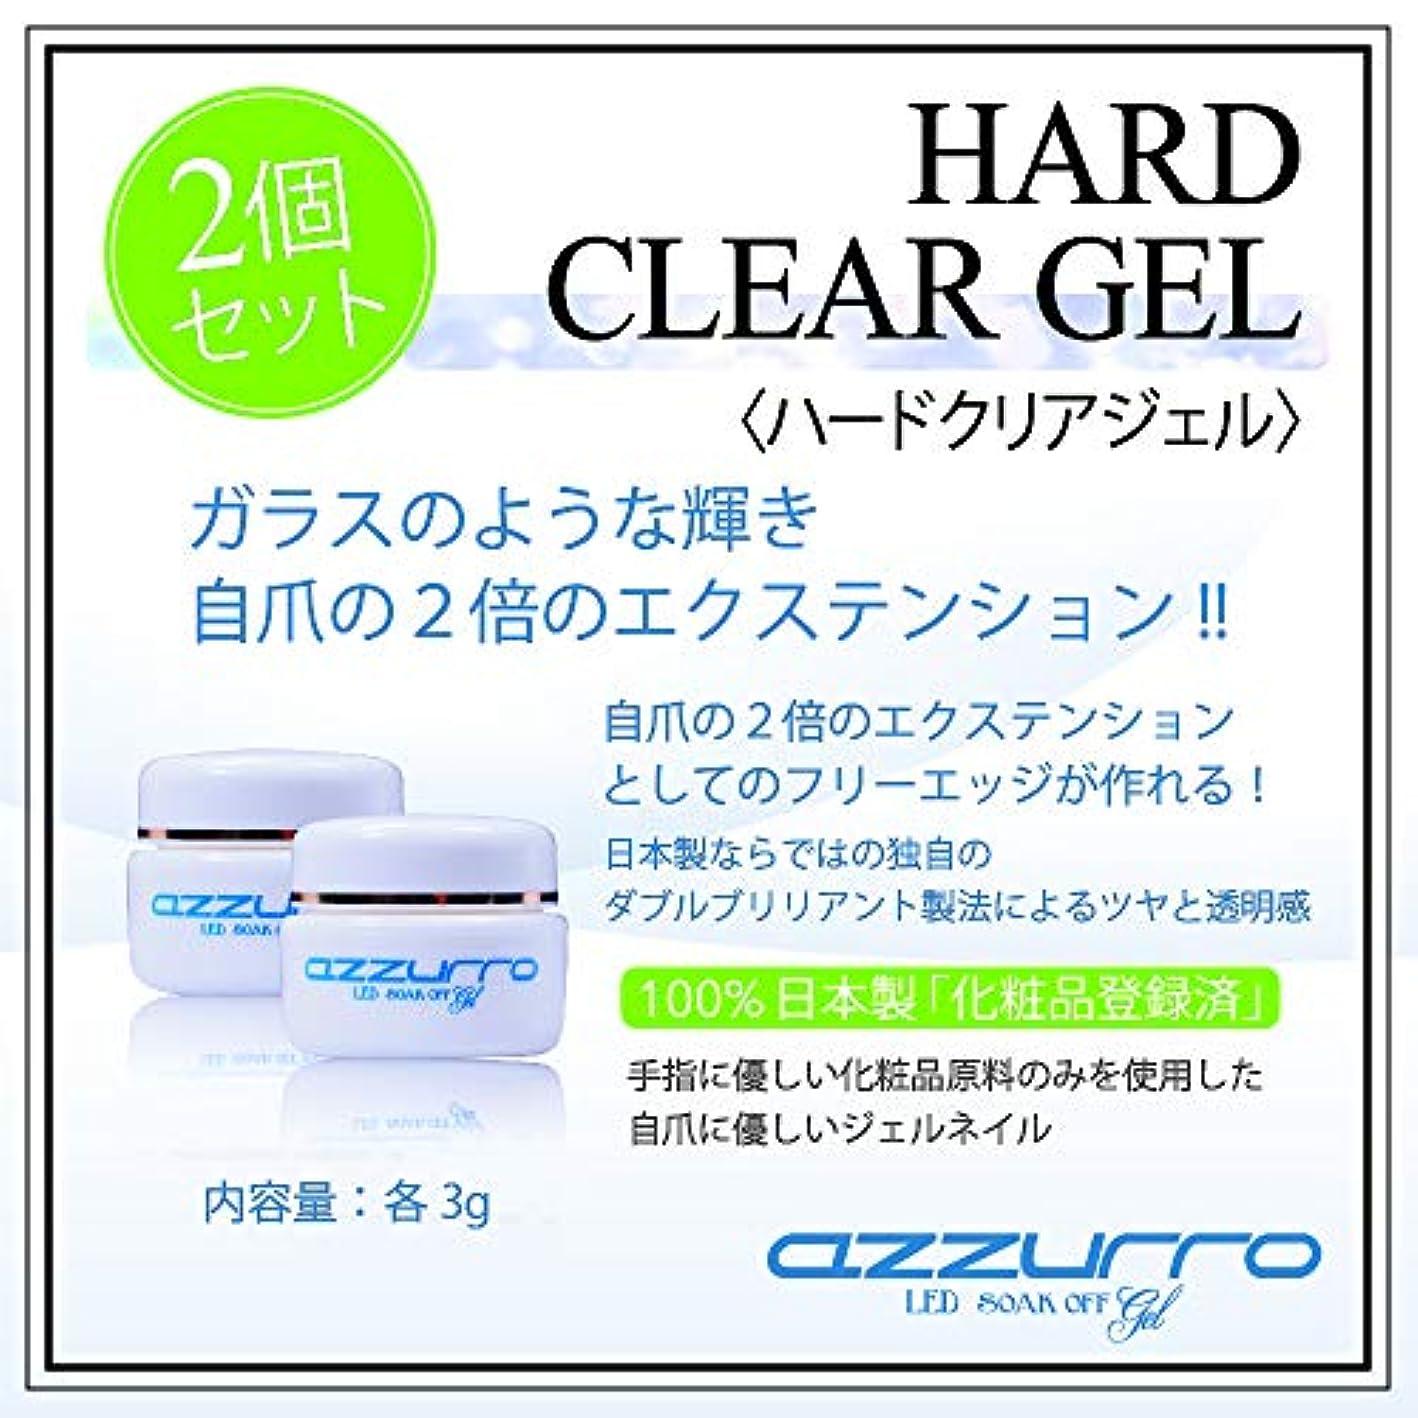 送金堀廊下azzurro gel アッズーロハードクリアージェル 3g お得な2個セット キラキラ感持続 抜群のツヤ